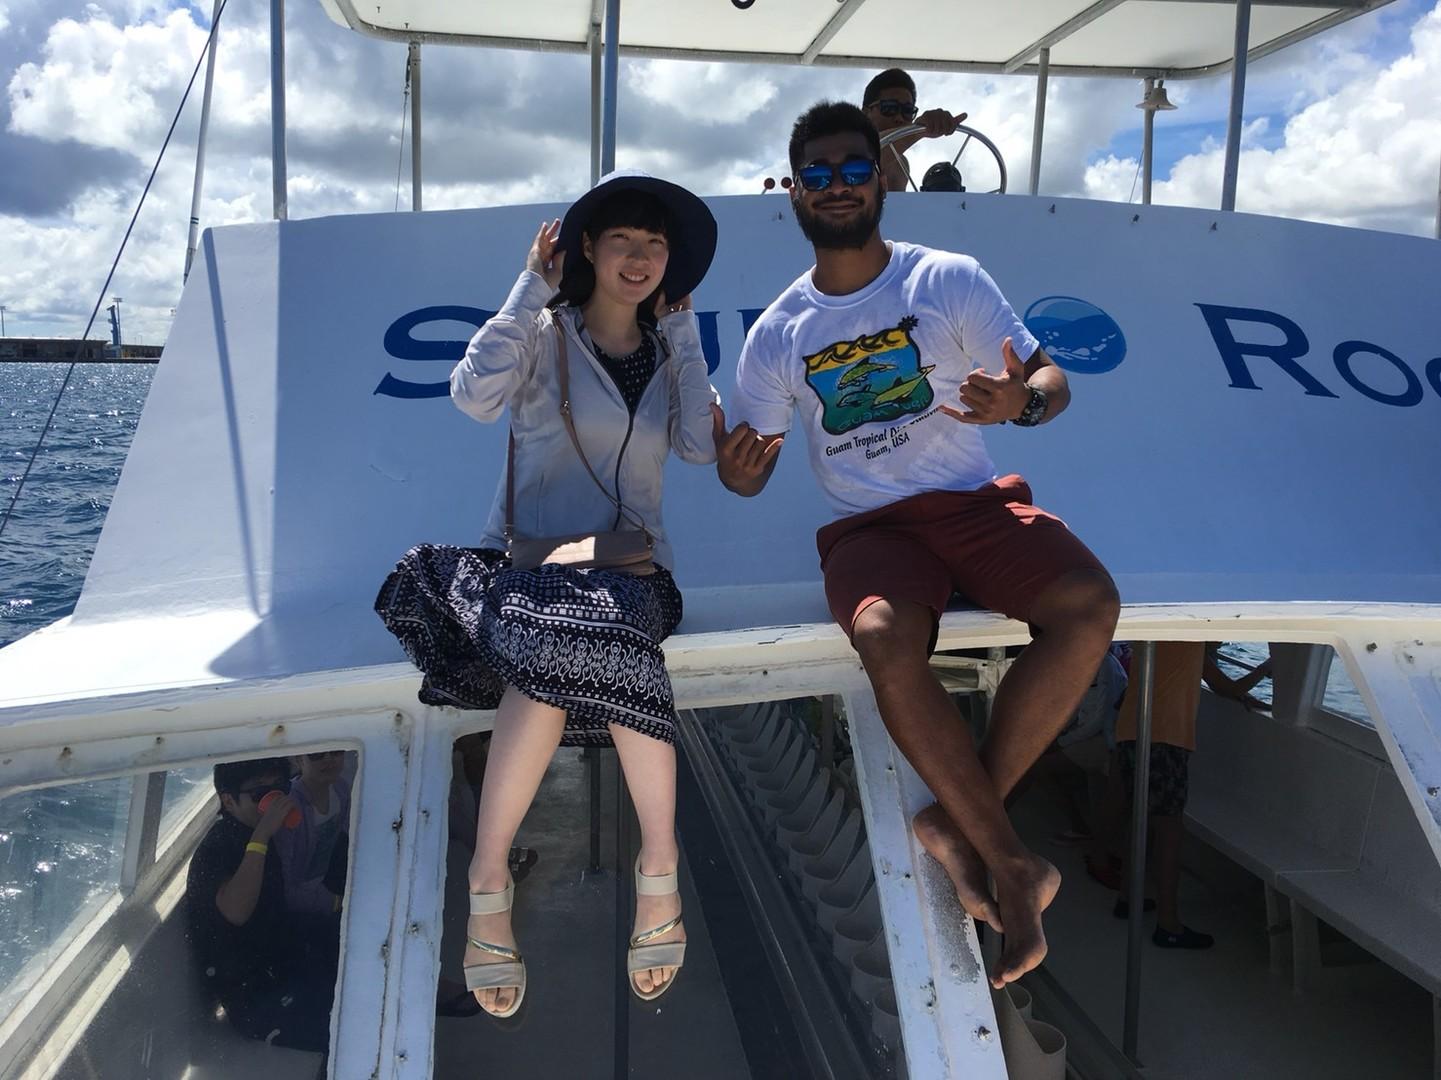 イルカは運次第ですが、ホテルから船まで親切な送迎つきで、真っ青な空と海の元、明るいクルー達が常に楽しませてくれるので最高にハッピーなクルージングでした、